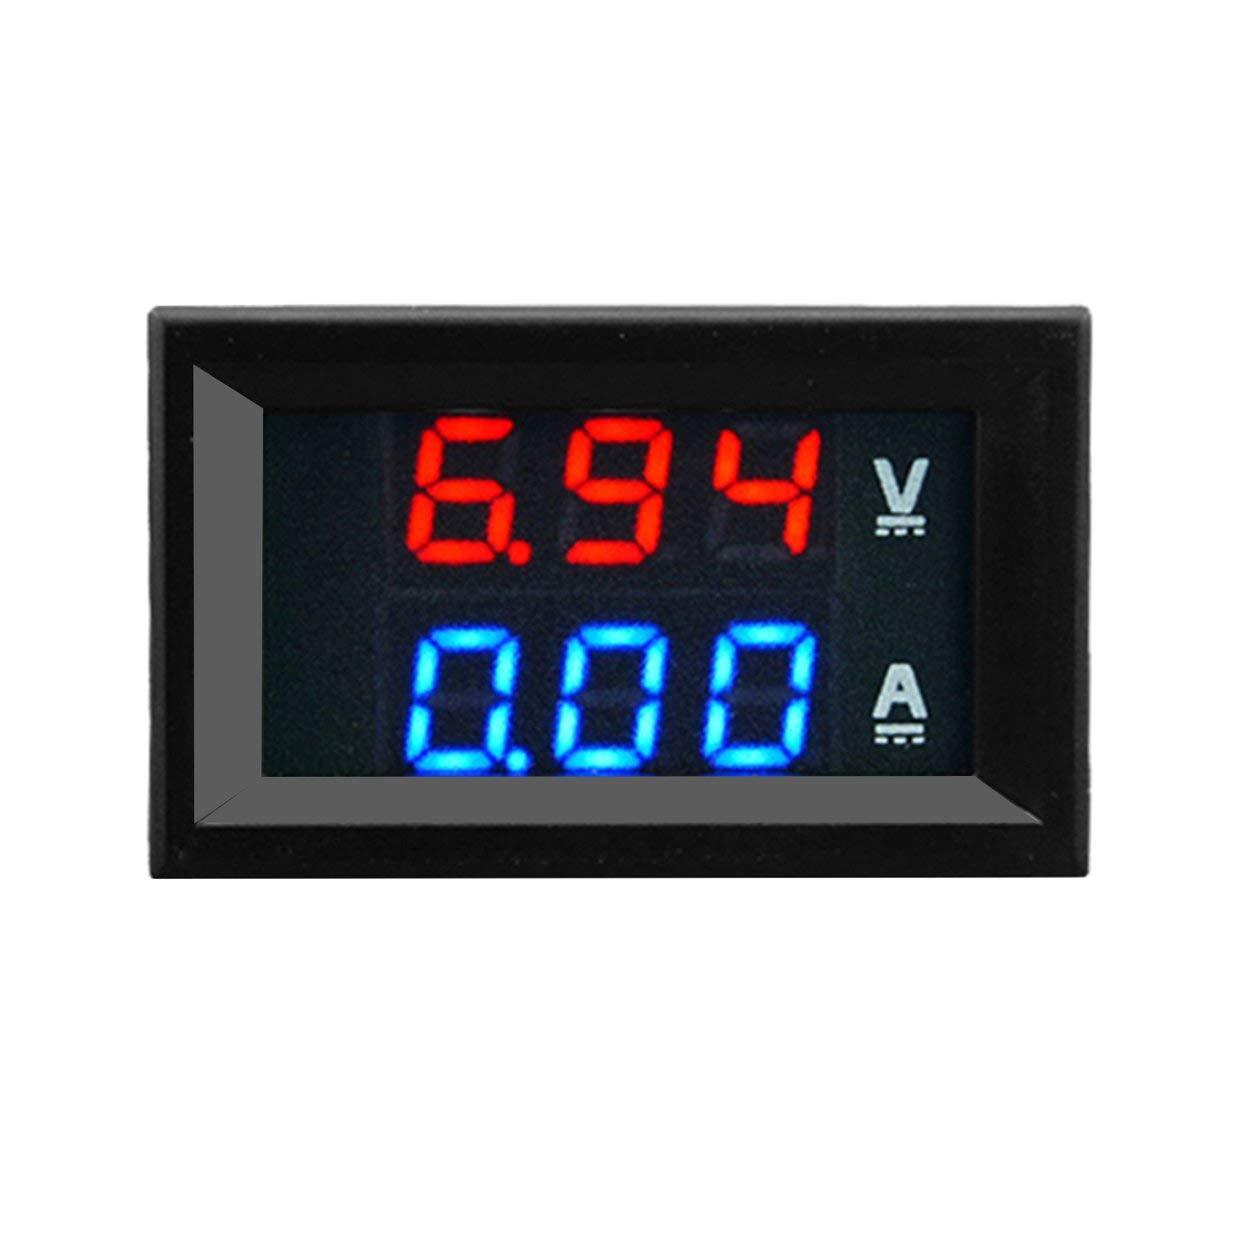 Voltmeter,100V 10A DC Digital Voltmeter Ammeter Blue Red Dual Color Display LED Amp Dual Digital Volt Meter Gauge 2 in1 Multimeter